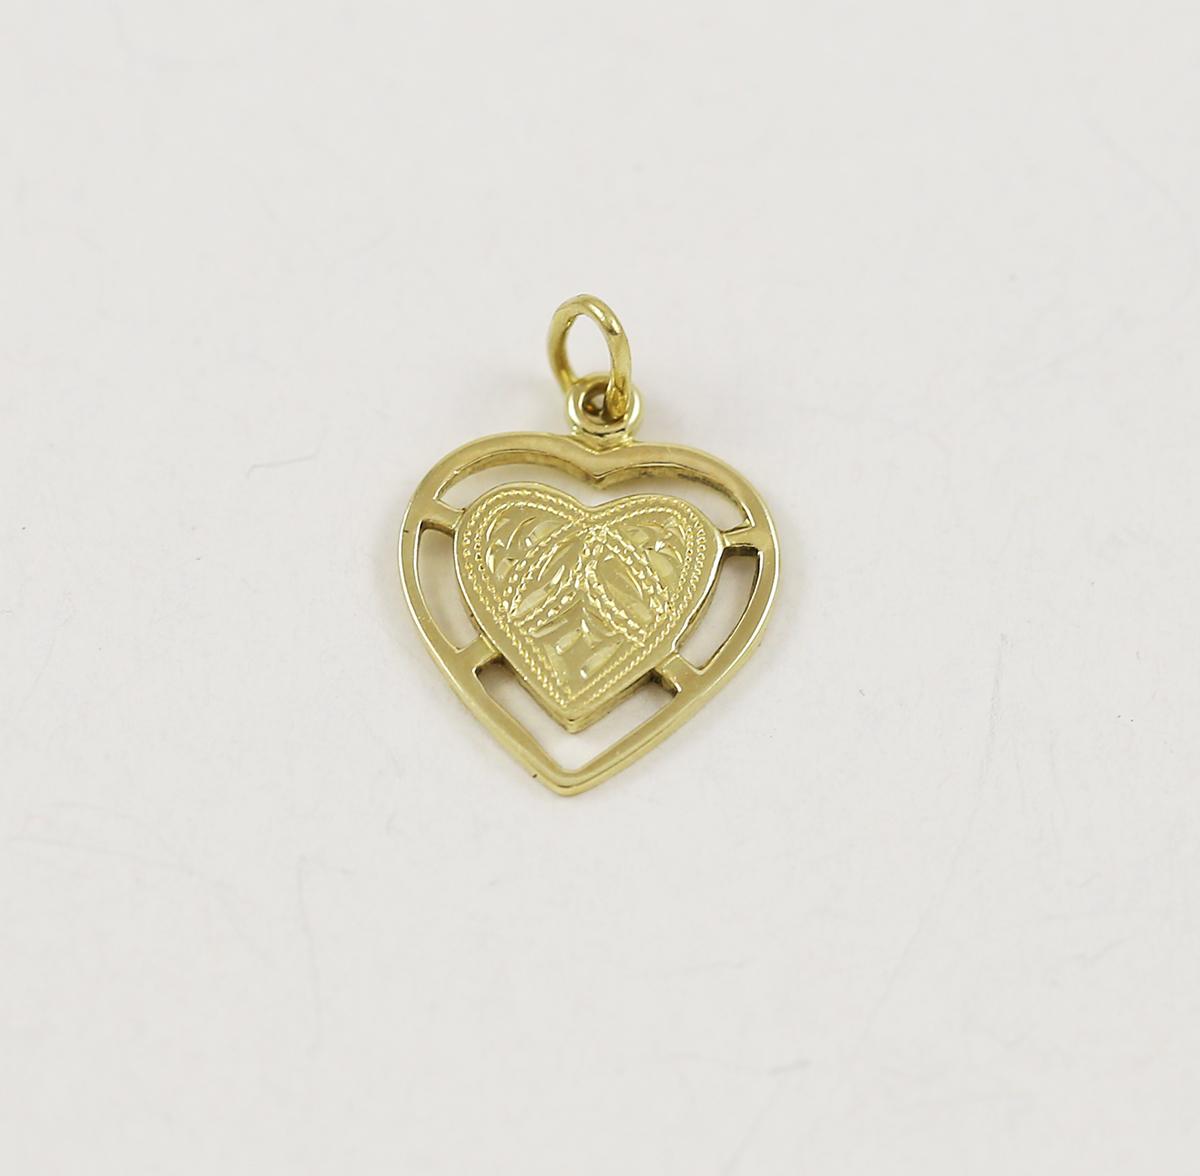 960a9665d Zlatý přívěsek srdce s obrubou - Zastavárna a Bazar Zlín - U radnice